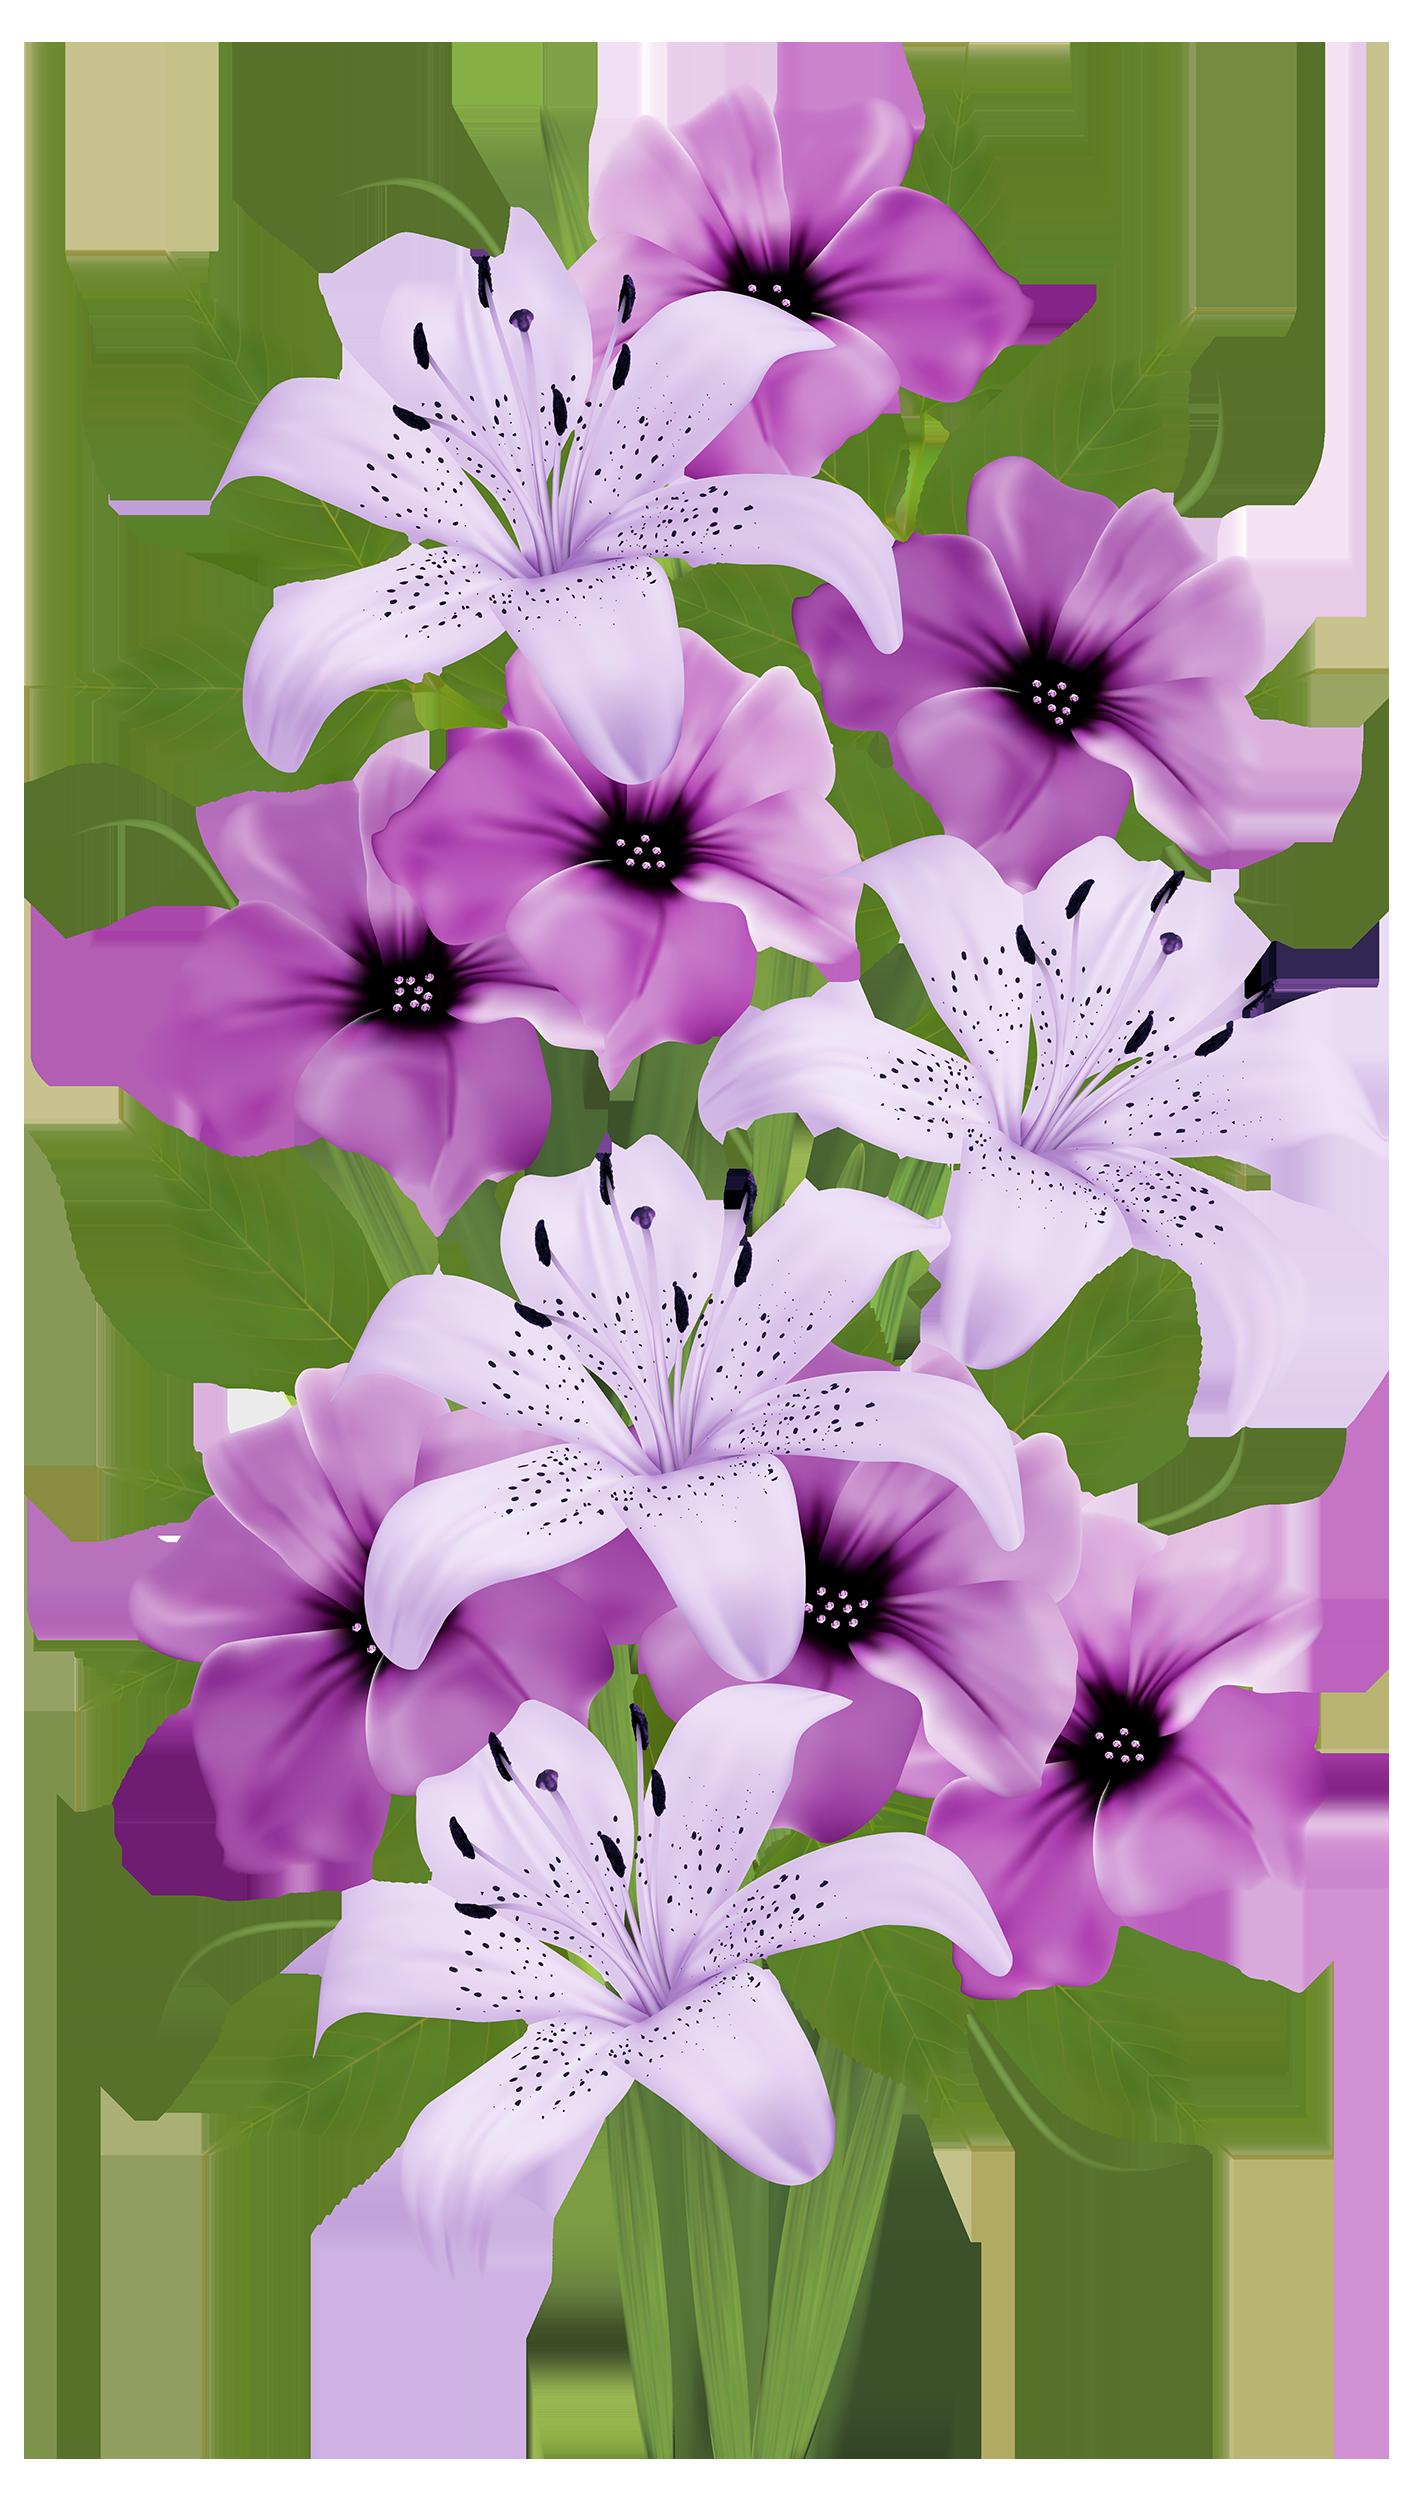 picture Purple lilies clip art. Lily clipart flower bouquet.